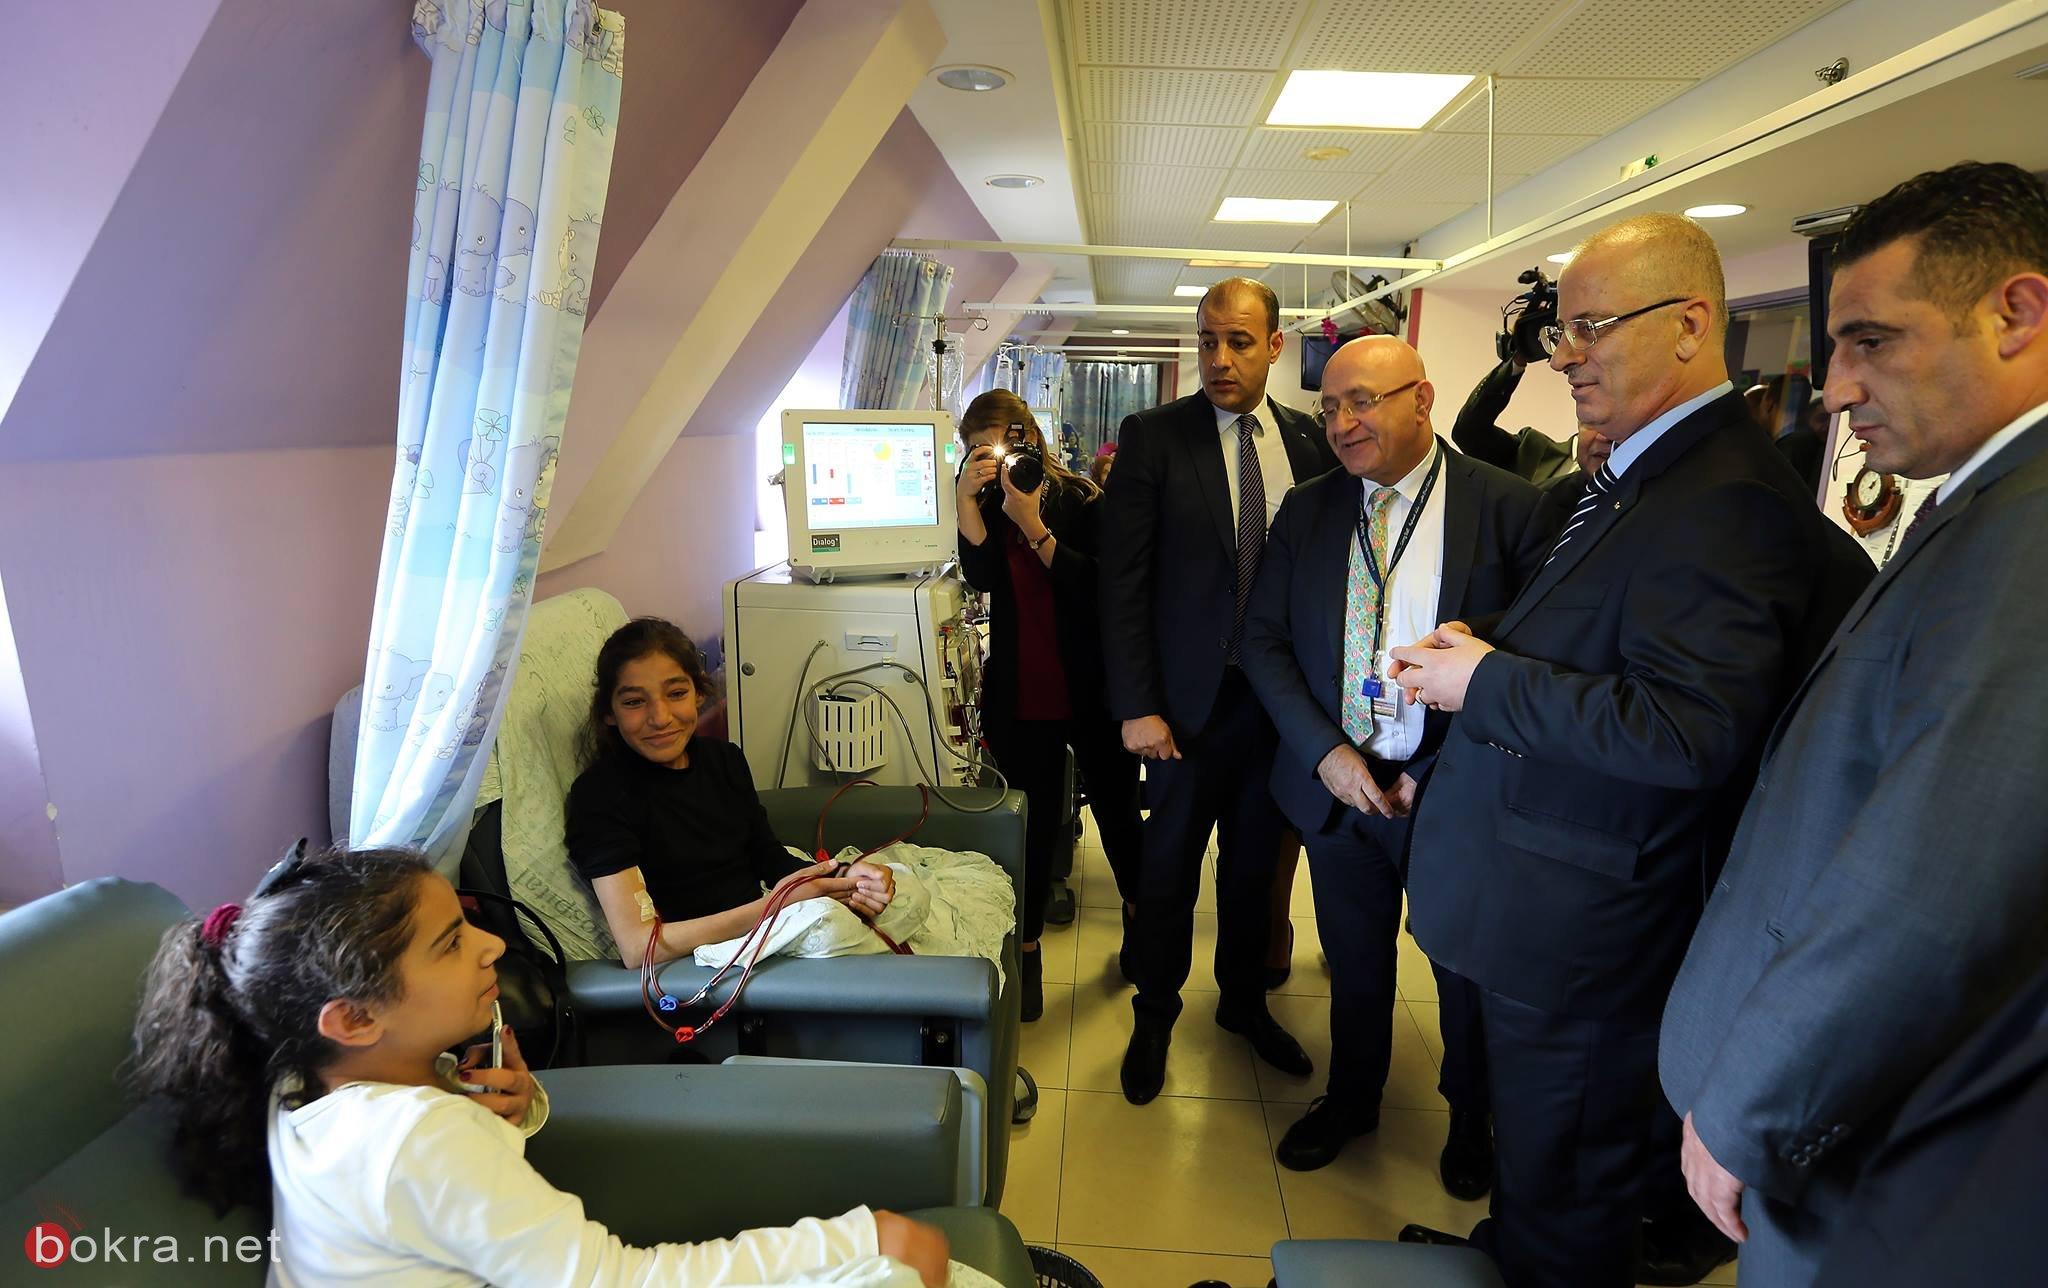 القدس: الحمد الله يتفقد مستشفى المطلع ويطلع على عمل واحتياجات الأقسام فيه